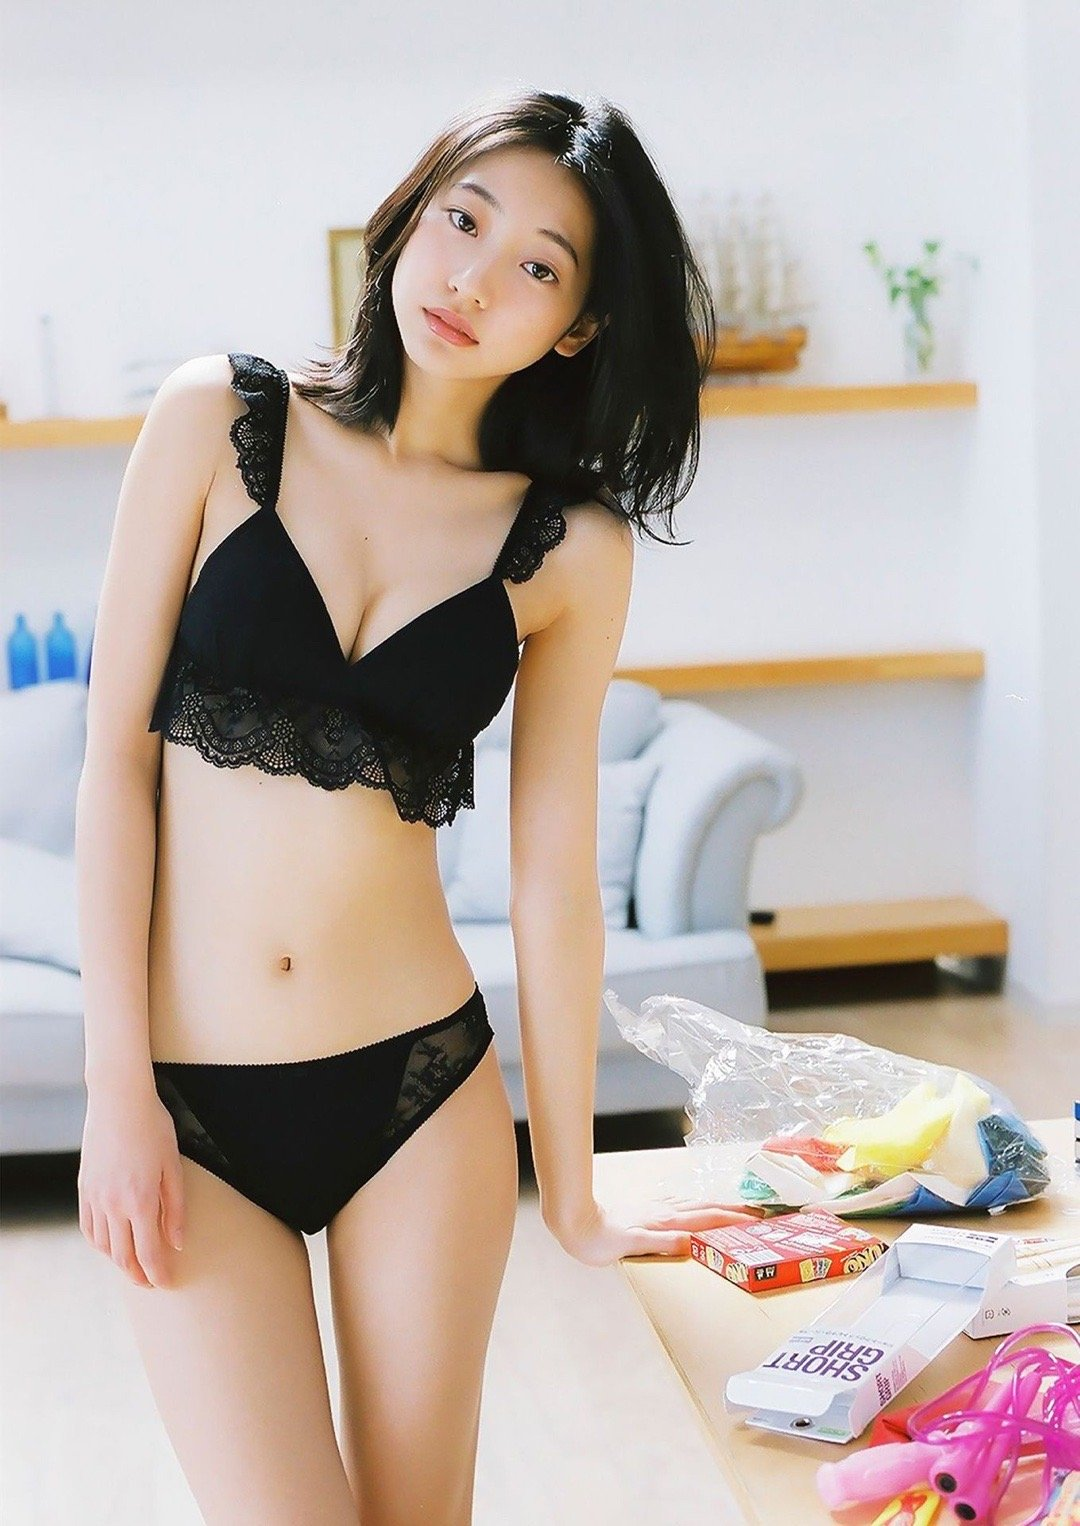 [妹子图]武田玲奈  养眼图片 第9张